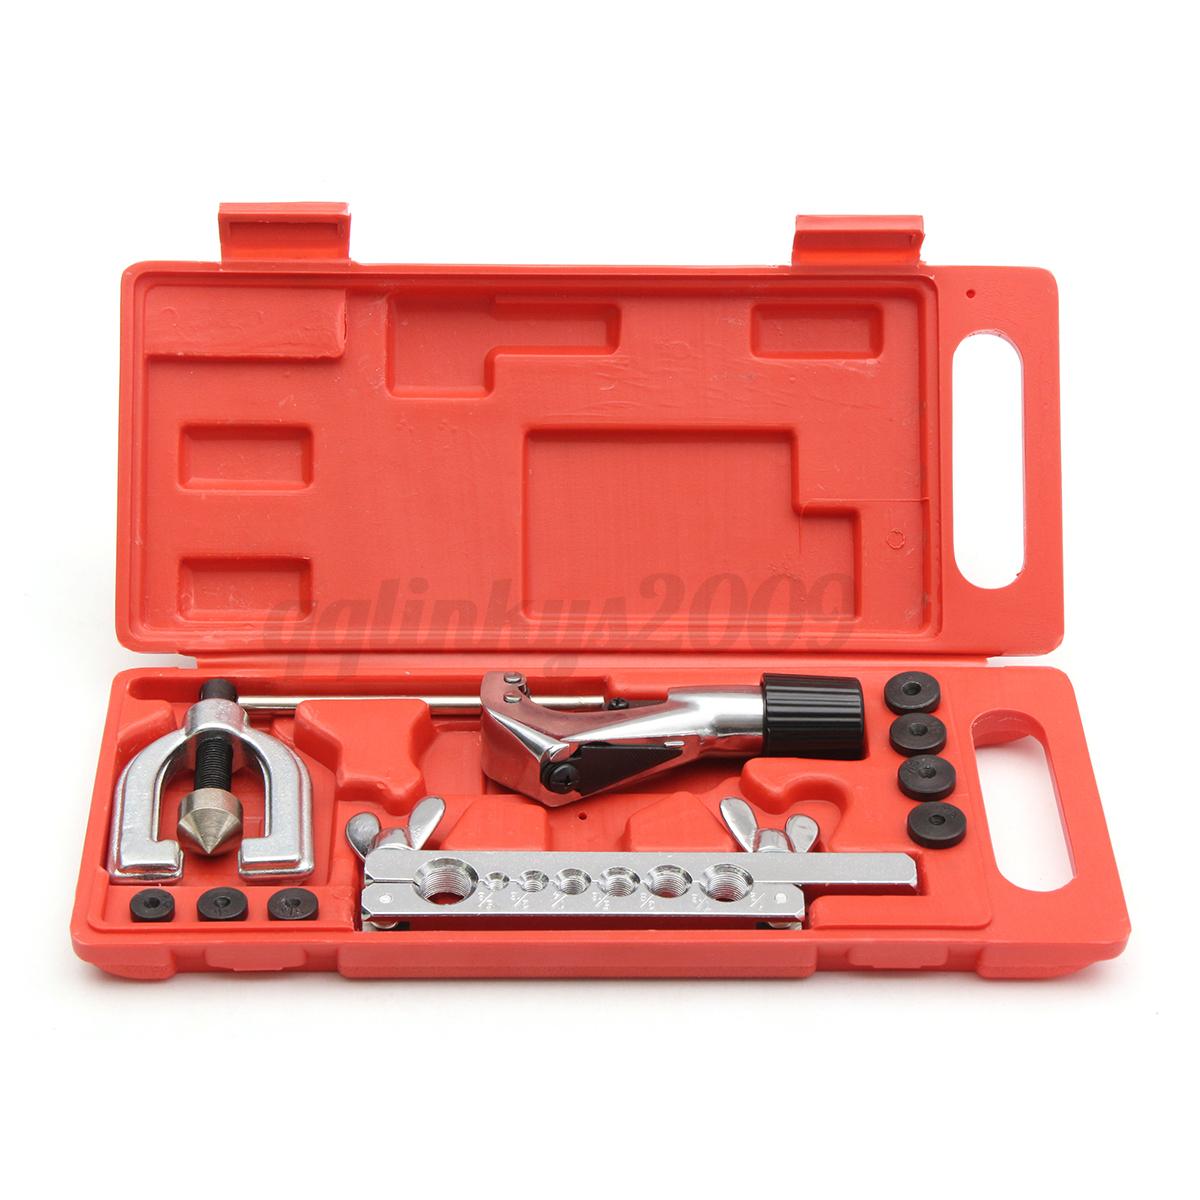 Brake Liner Tool : Au brake air line double flaring tool kit set in